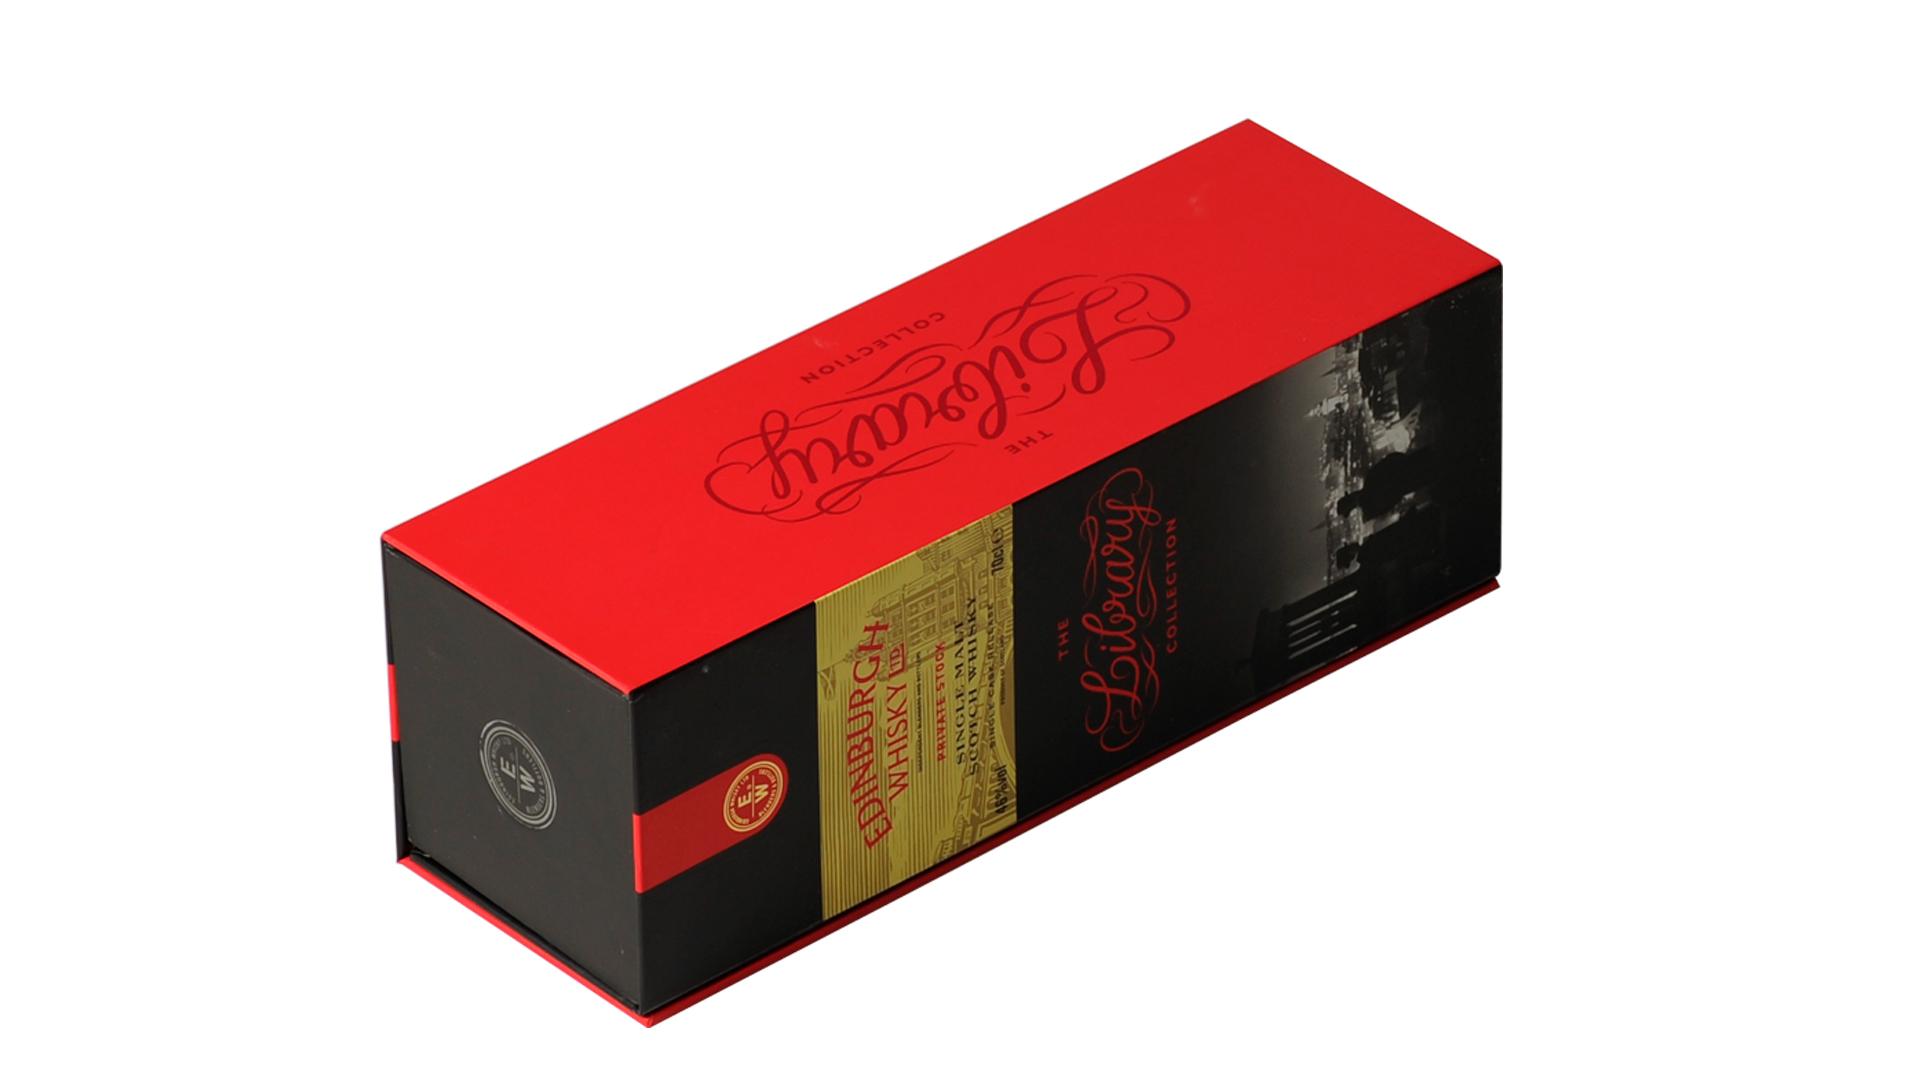 Haut de gamme Fait Main Feuille D'or Estampillé Mat Papier sublimation Carton à vin Whisky Coffret cadeau Boîtes boîte de cadeau de vin